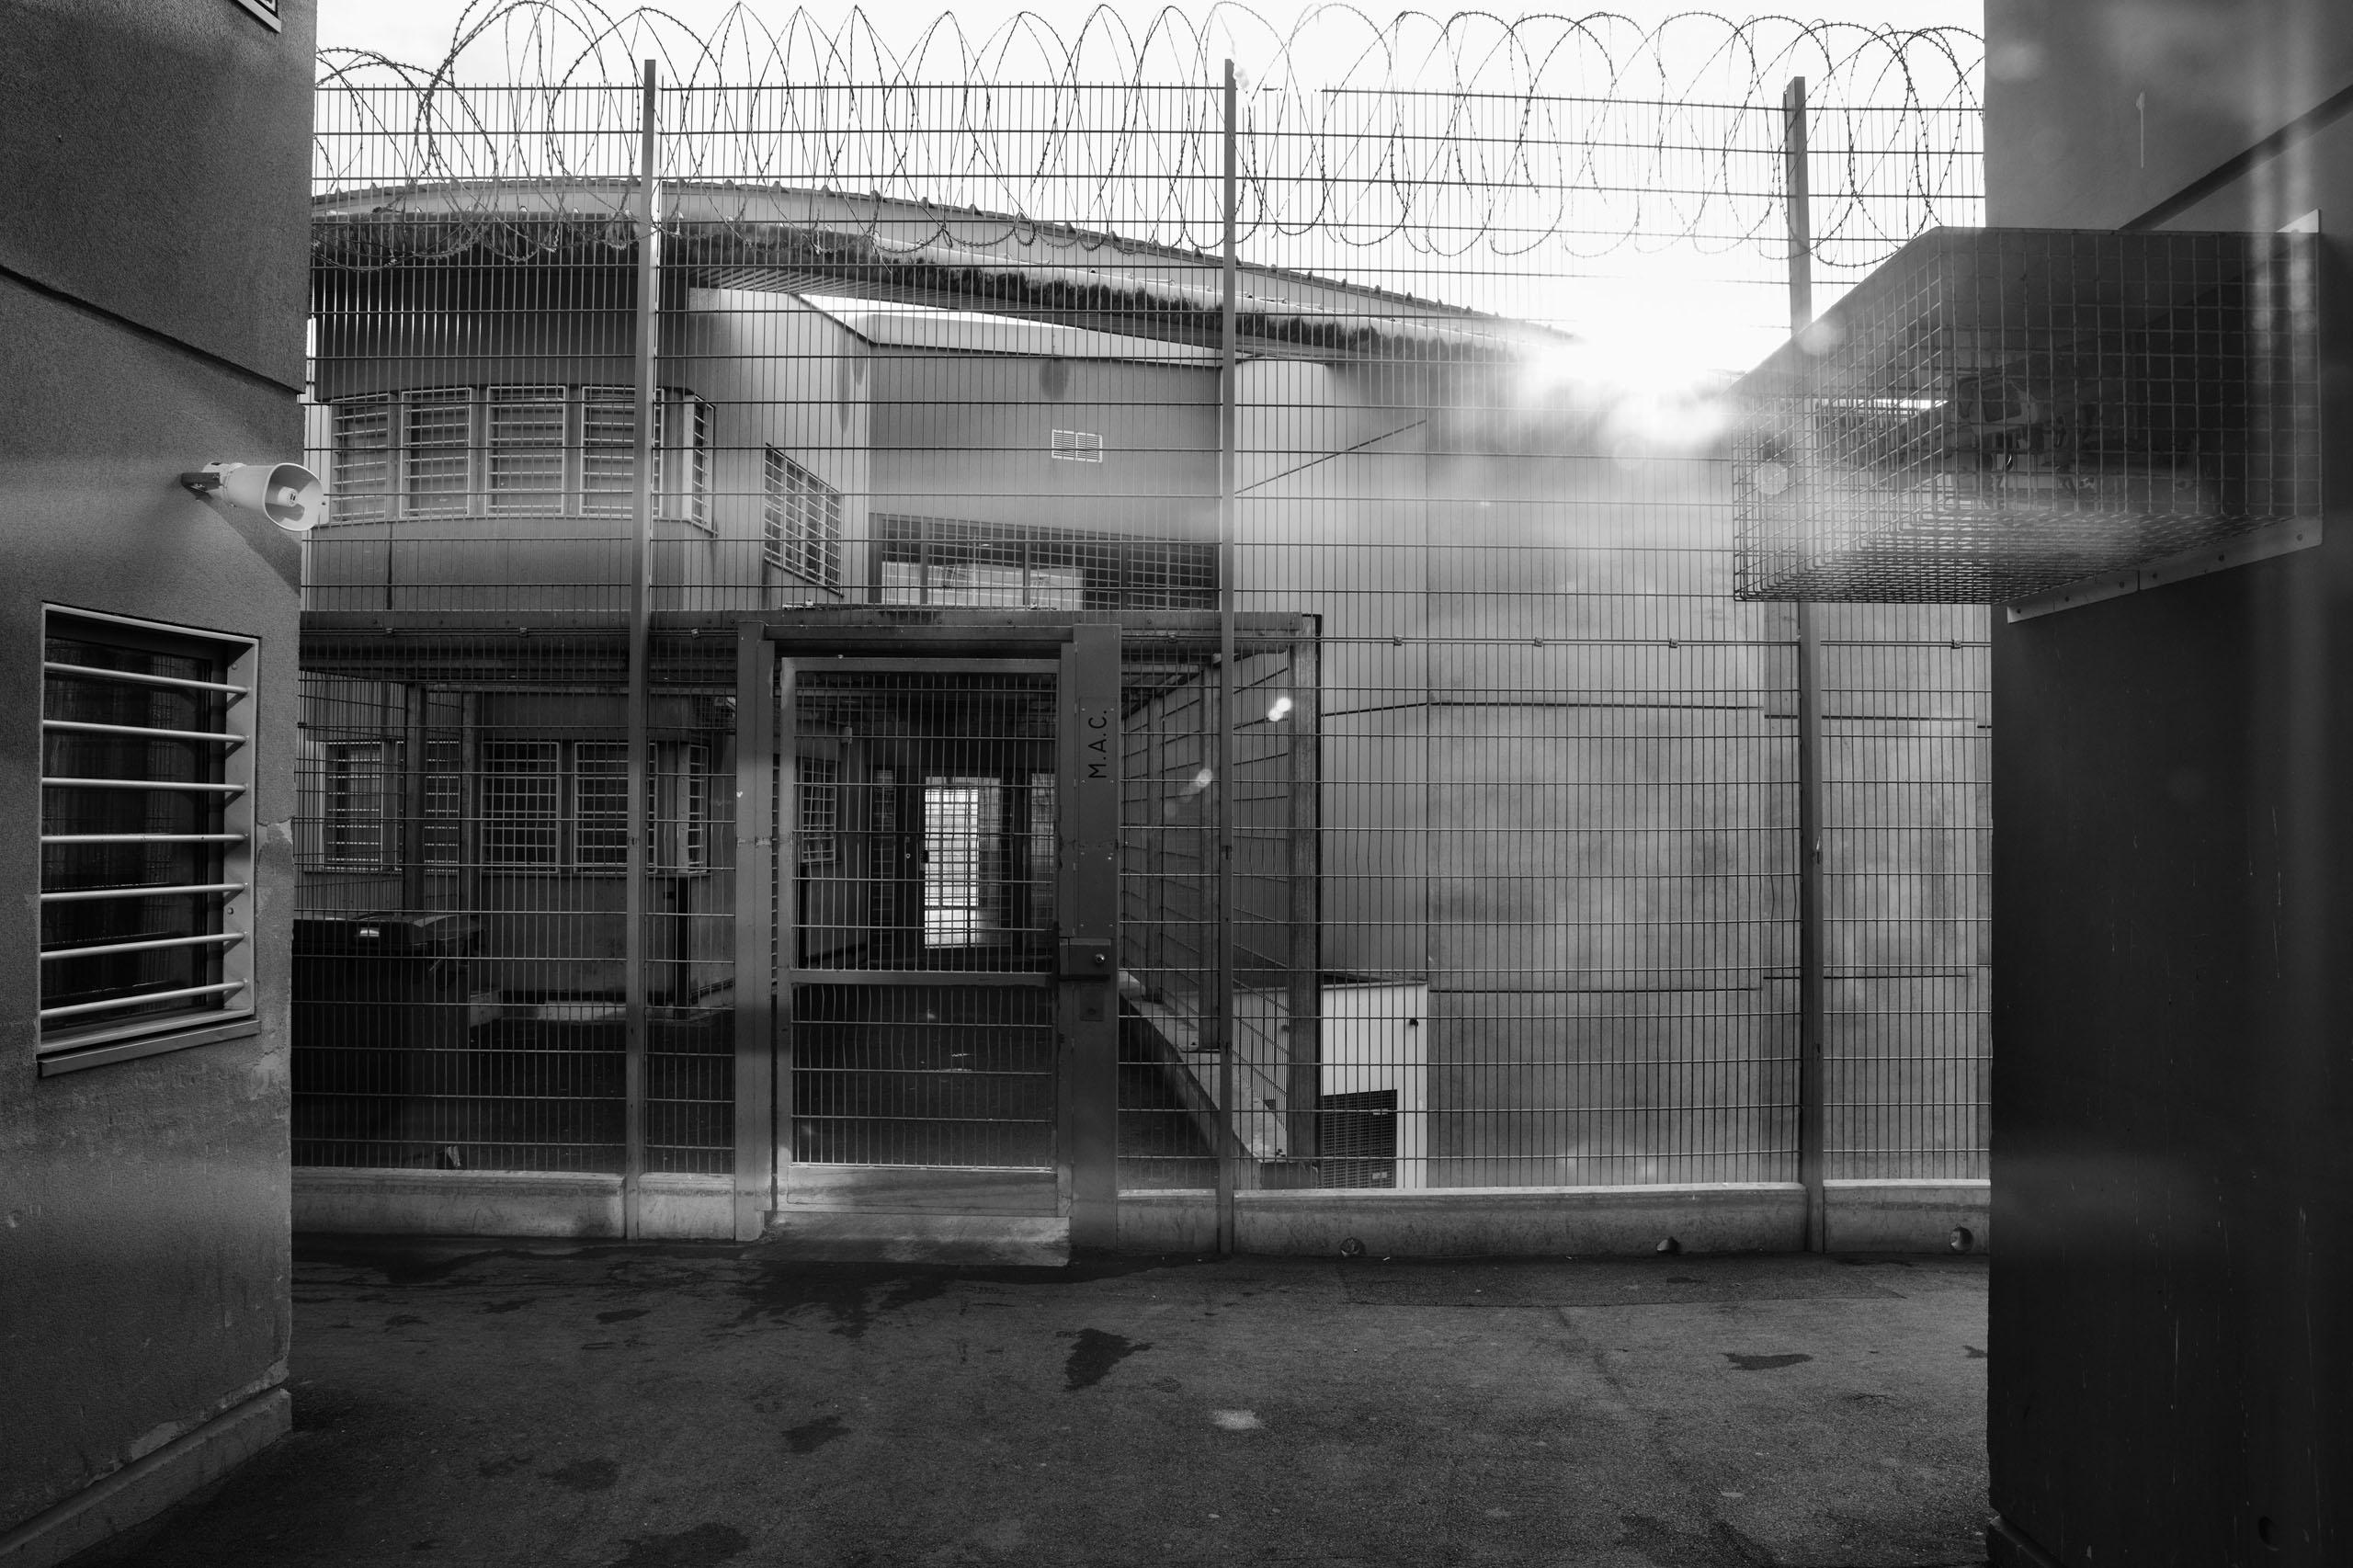 The Meaux-Chauconin penitentiary entrance, outside Paris, France, Nov. 23, 2016.